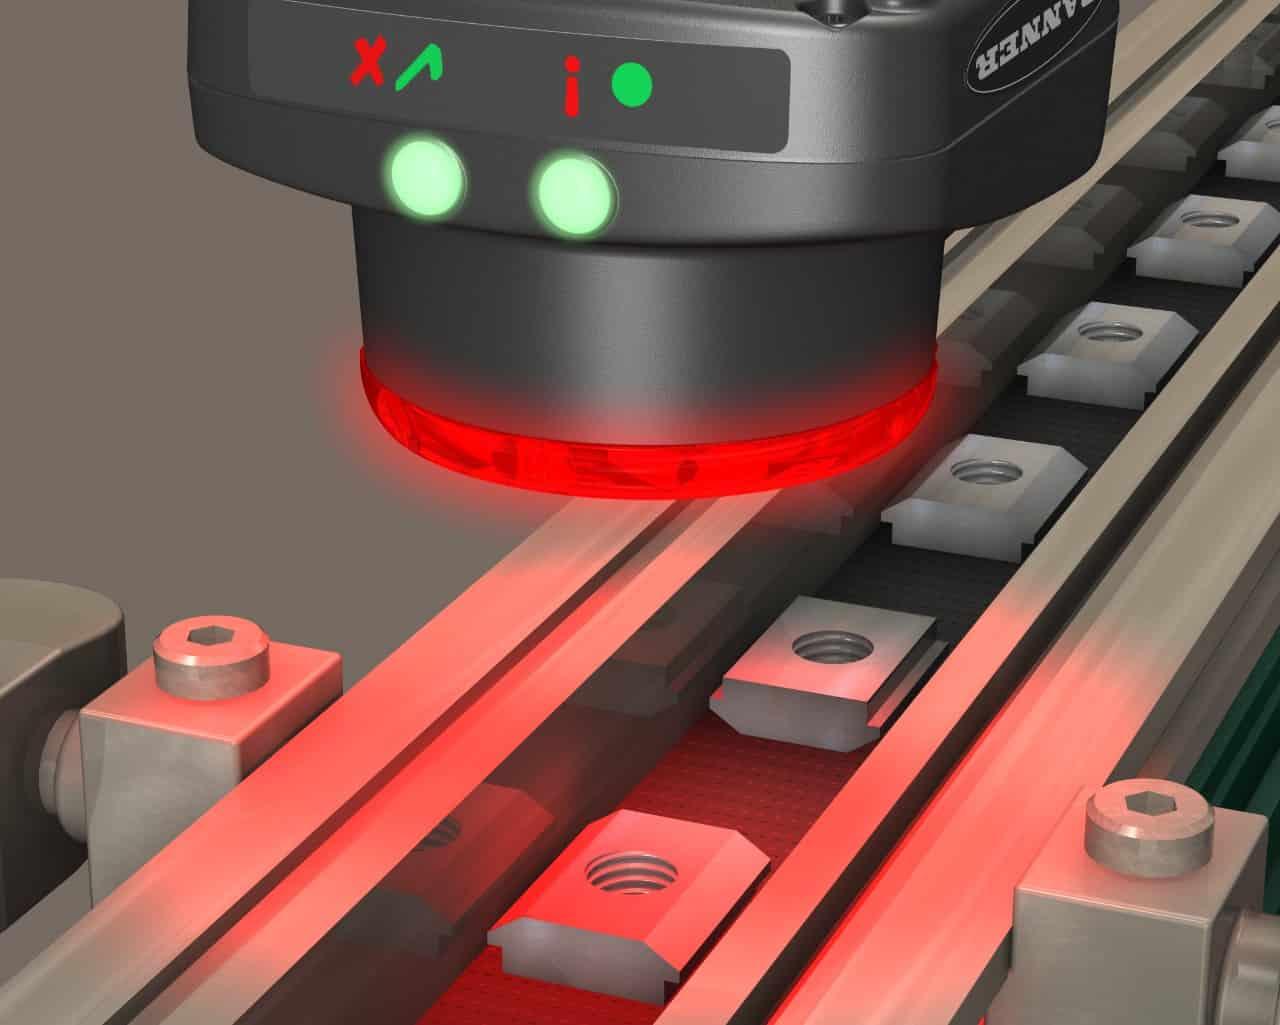 กล้องตรวจสินค้า การเช็คความถูกต้องของบรรจุภัณฑ์